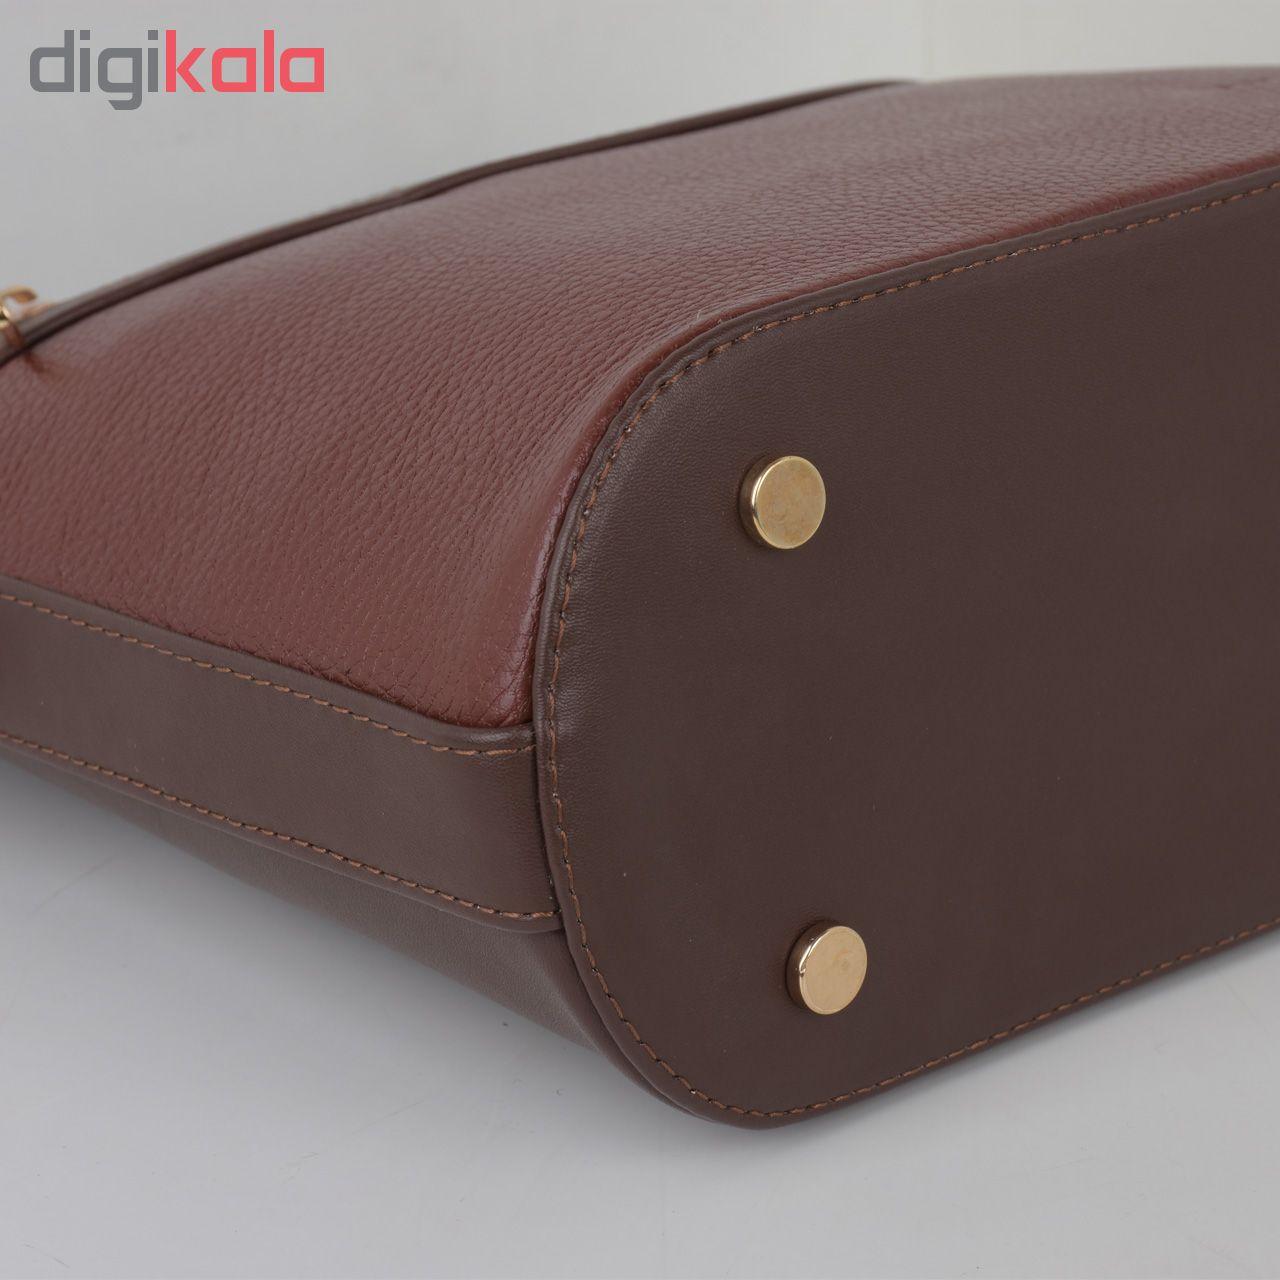 کیف دوشی زنانه پارینه کد PLV183-7-1577